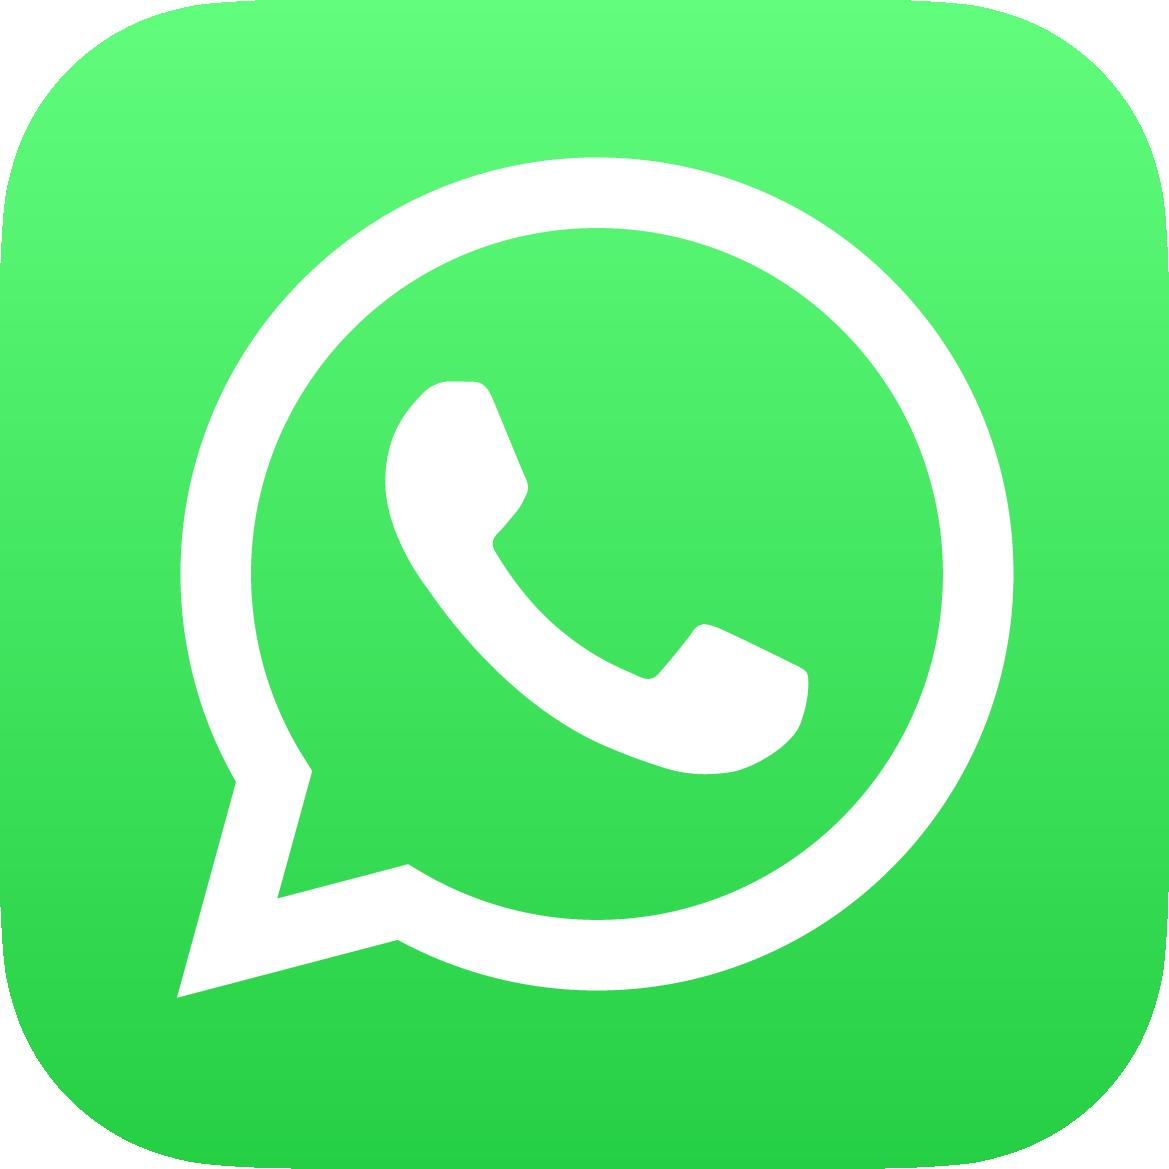 Web chat interface